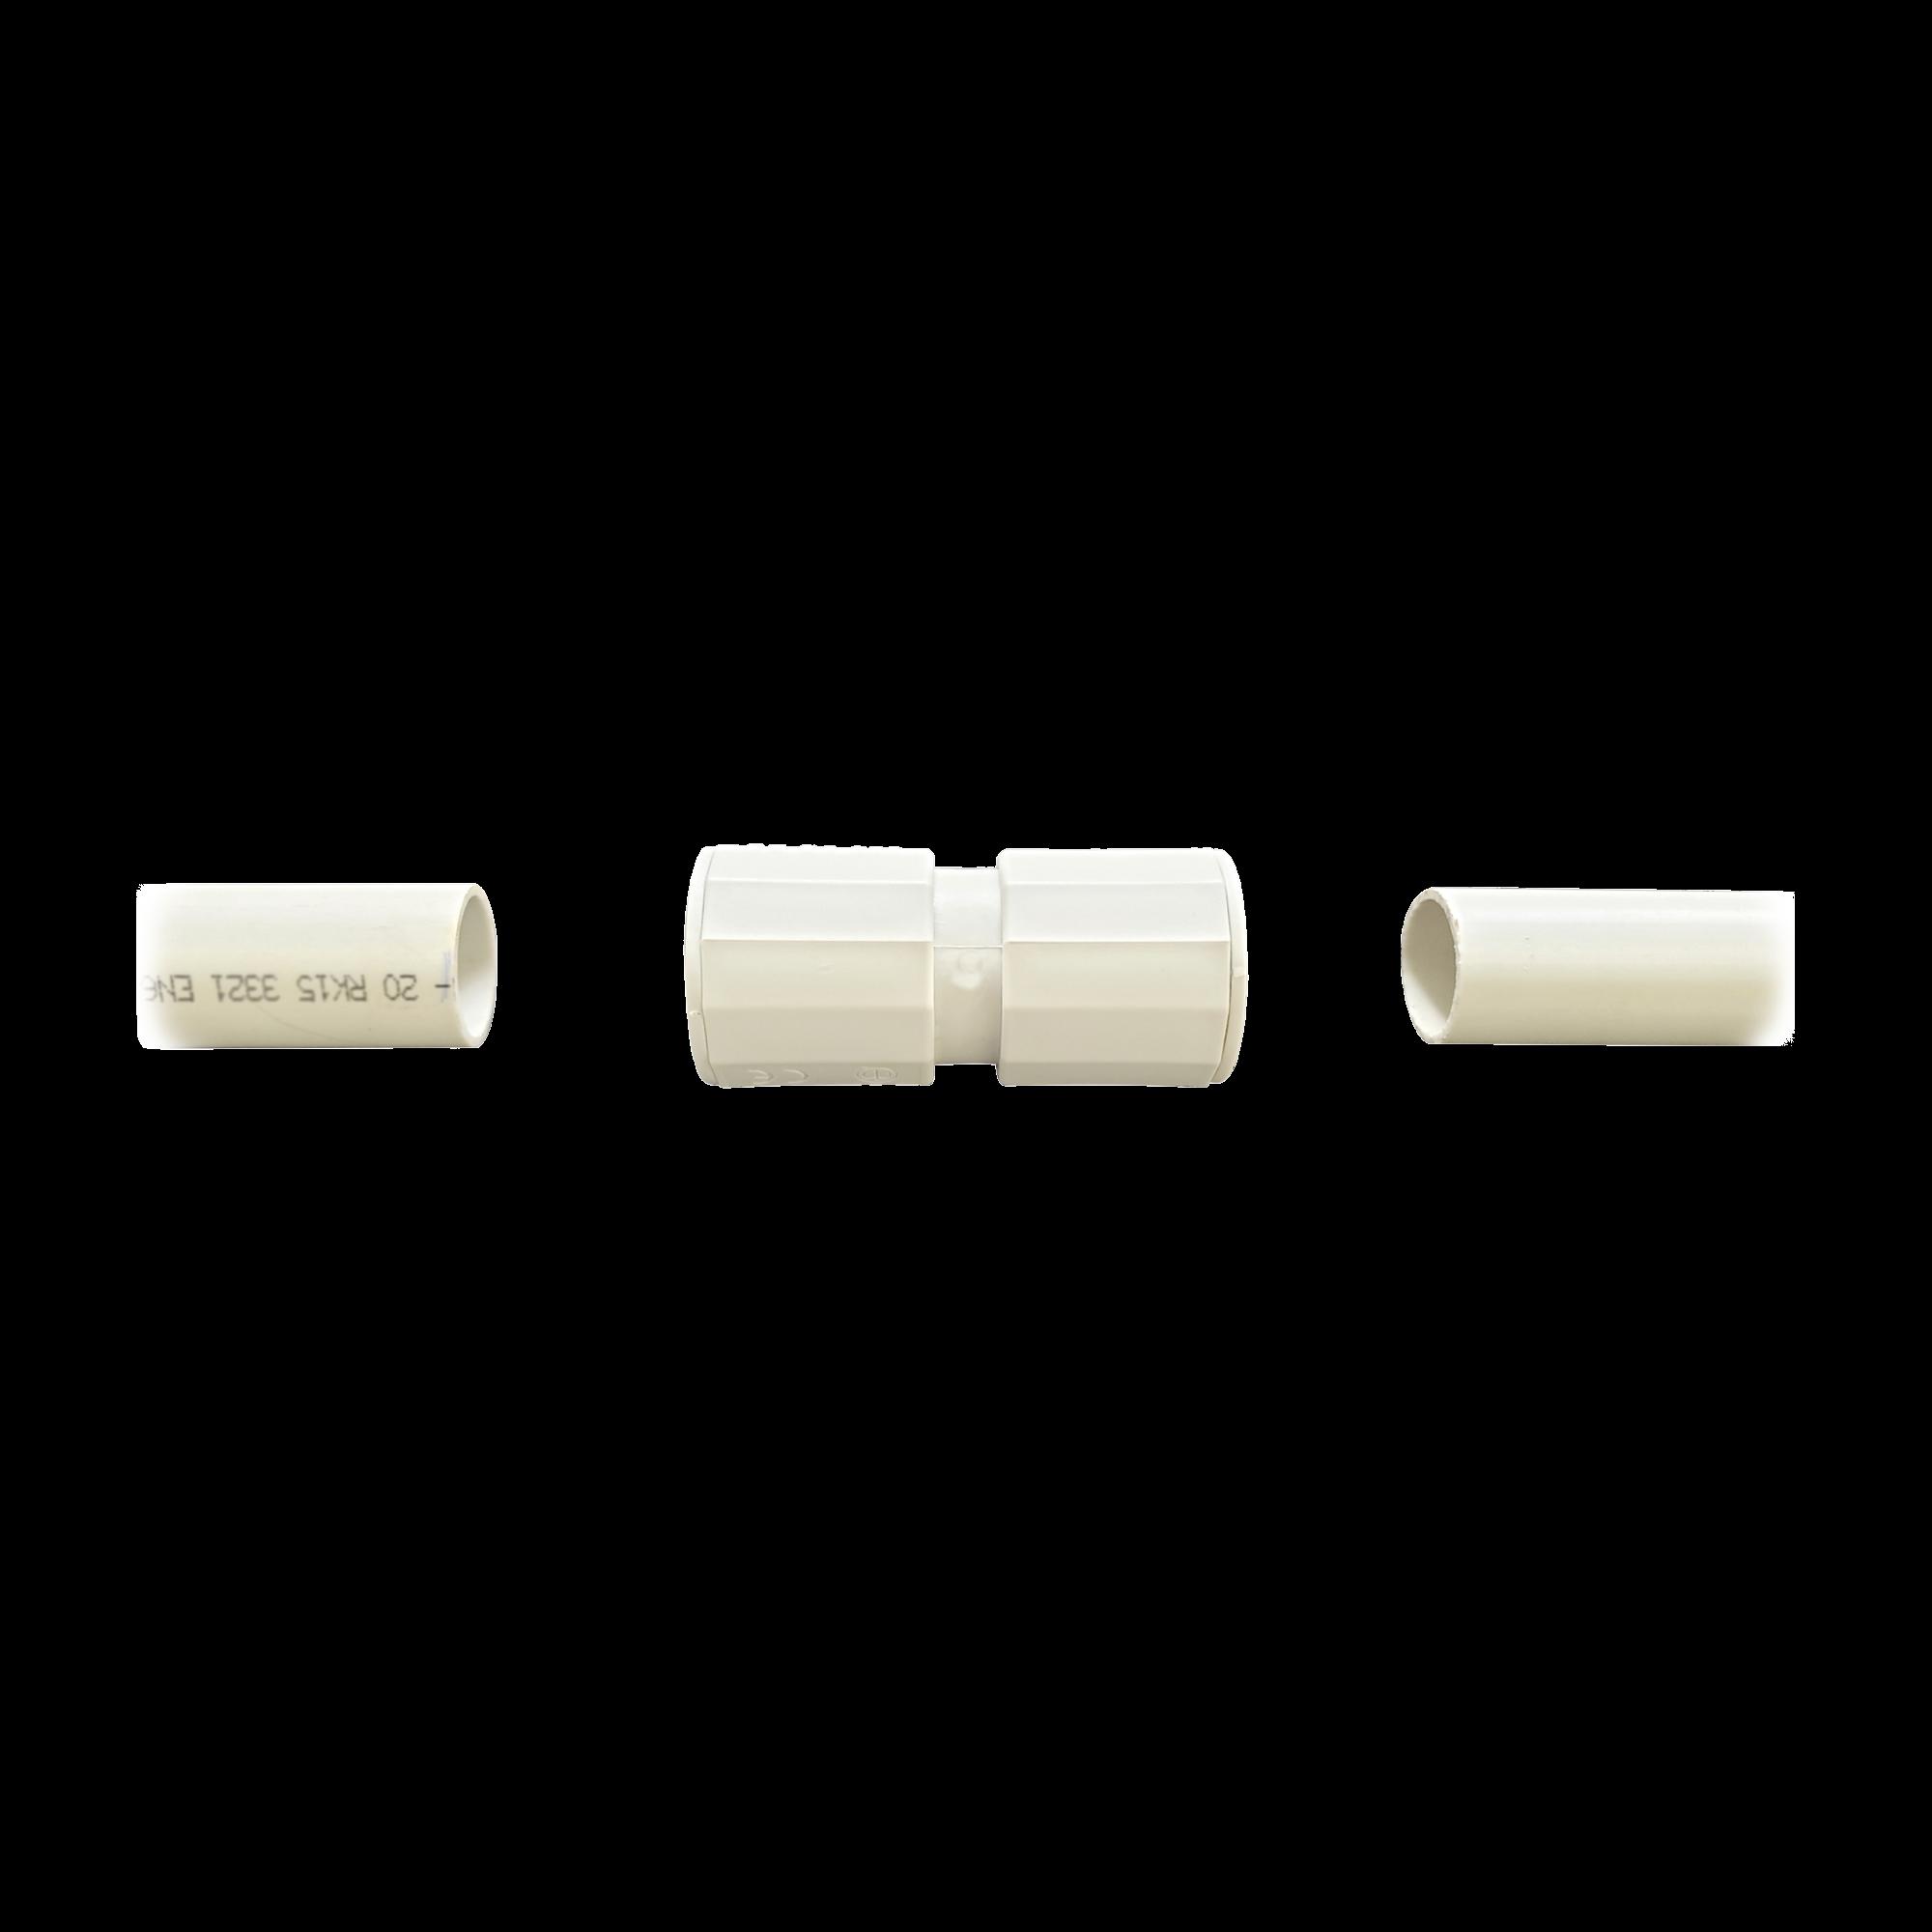 Manguito / Cople Morbidx IP67 libre de halógenos para unir tubería rígida de 32 mm (1 1/4) permite una instalación hermética no necesita pegamento